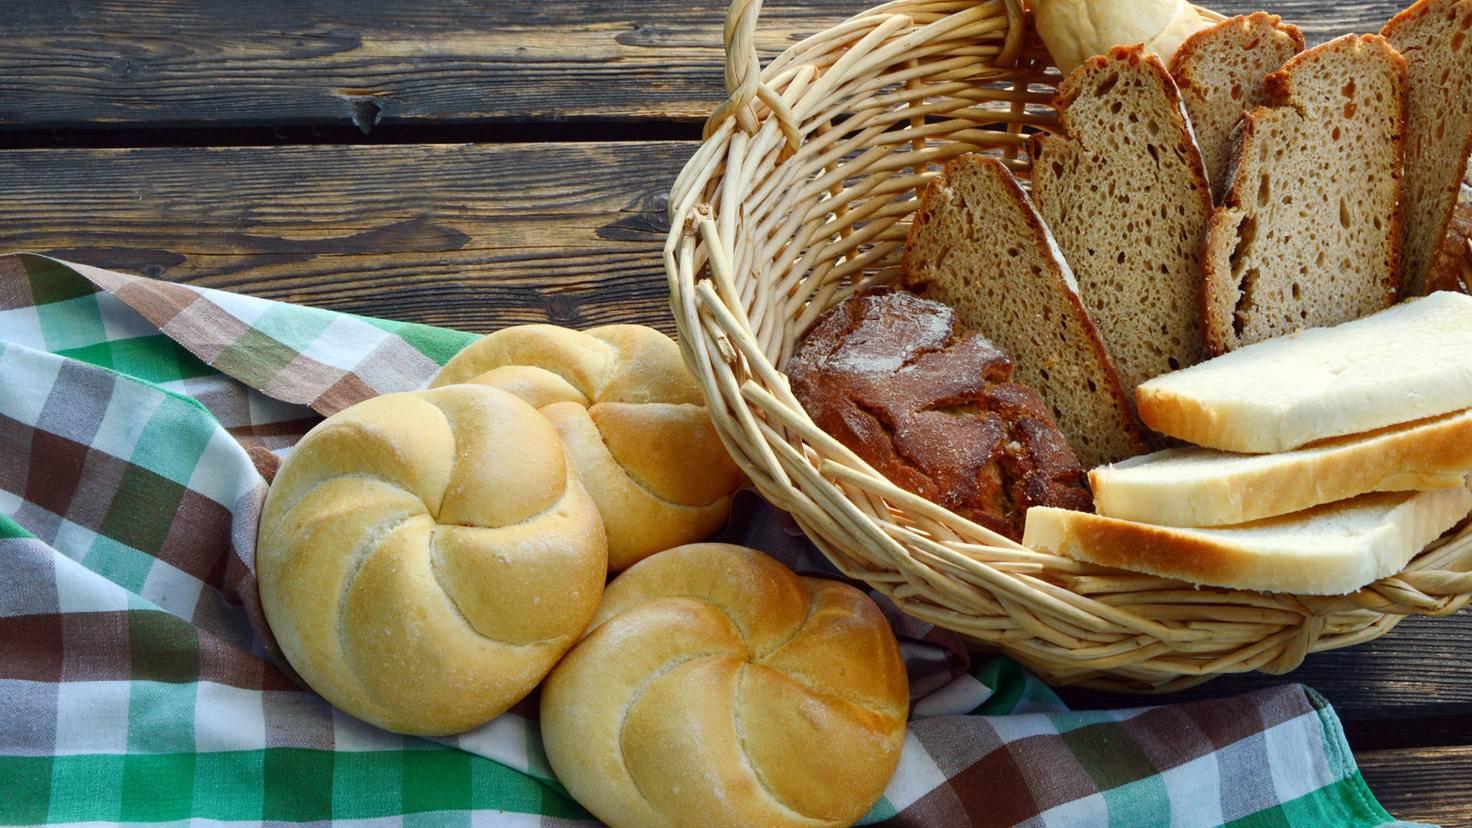 Brot-AdobeStock-posinote